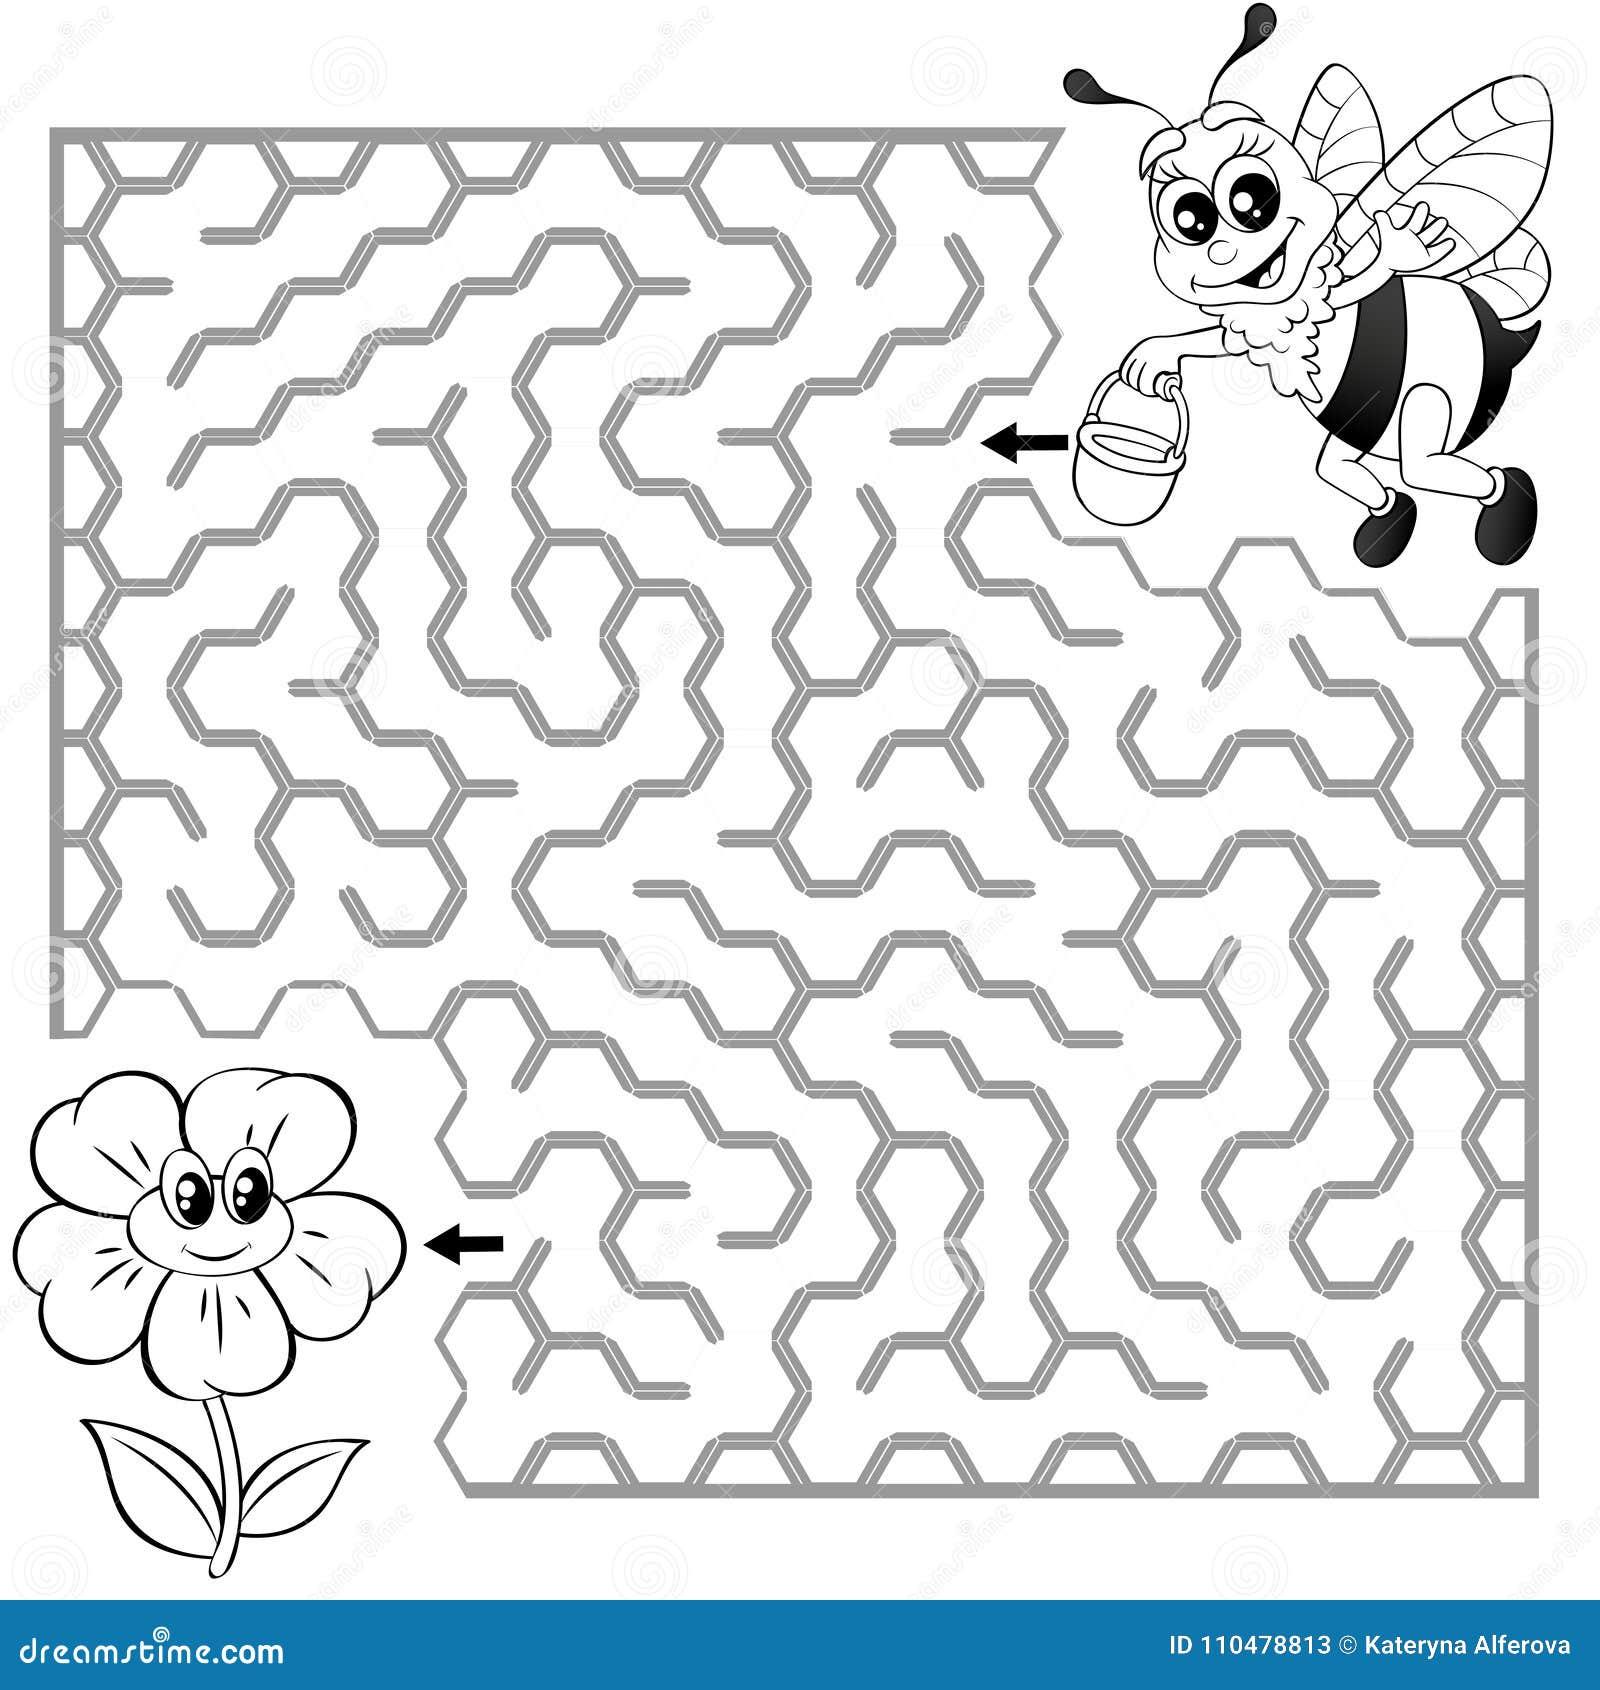 Pomocy pszczoły znaleziska ścieżka kwitnąć labitynt Dla dzieciaków labirynt gra Czarny i biały wektorowa ilustracja dla kolorysty